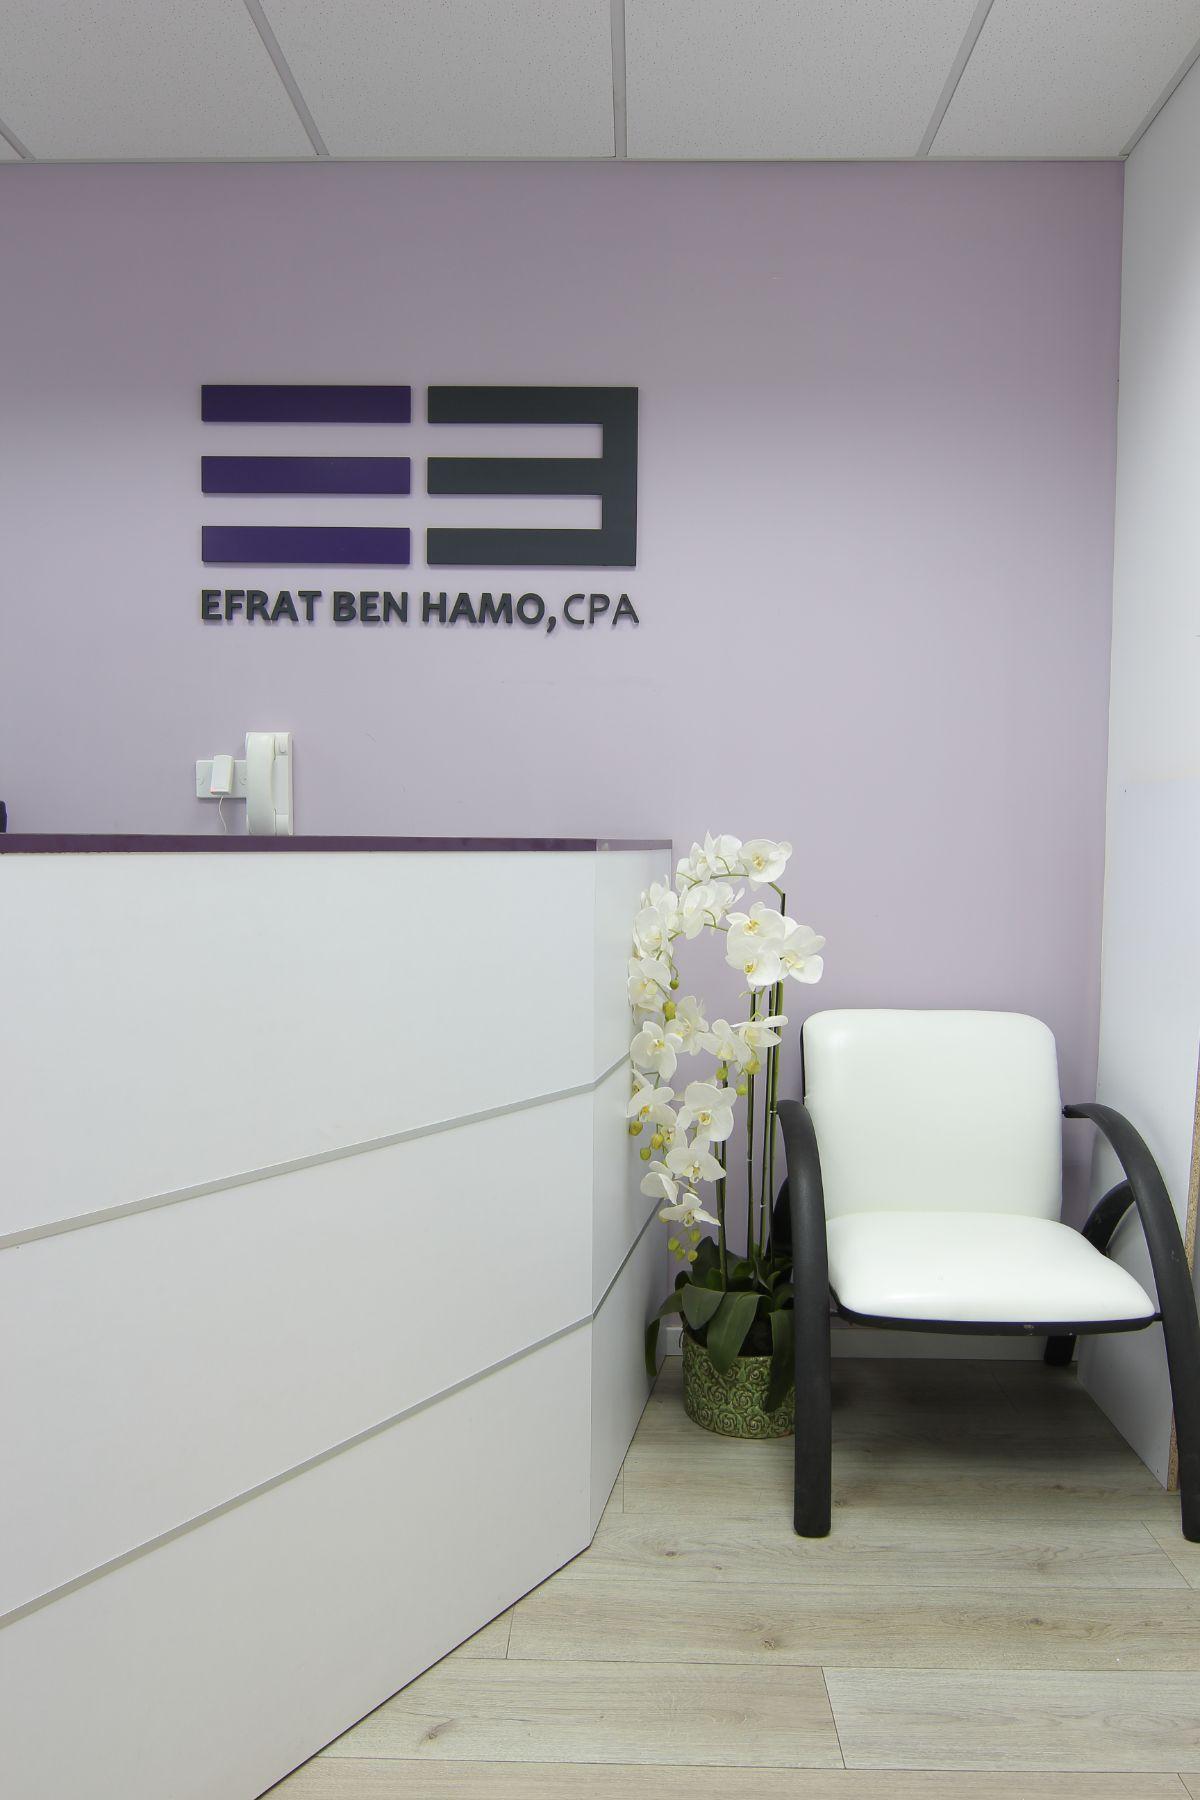 עיצוב פנים קיר משרדי   אדריכלות קיר משרדי - קיר משרדי